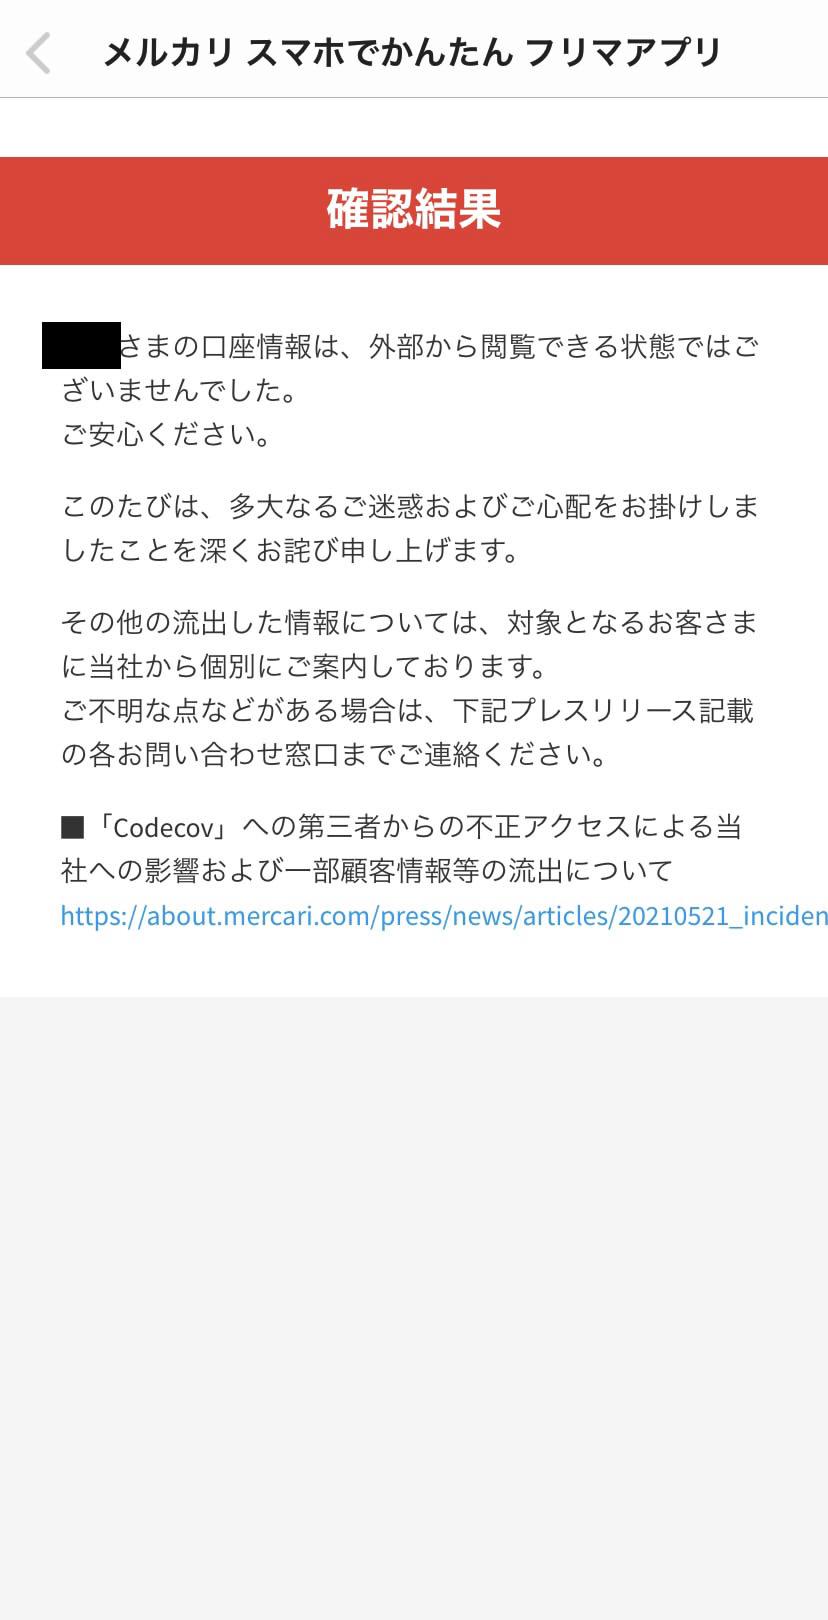 f:id:motimoti444:20210521205540j:plain